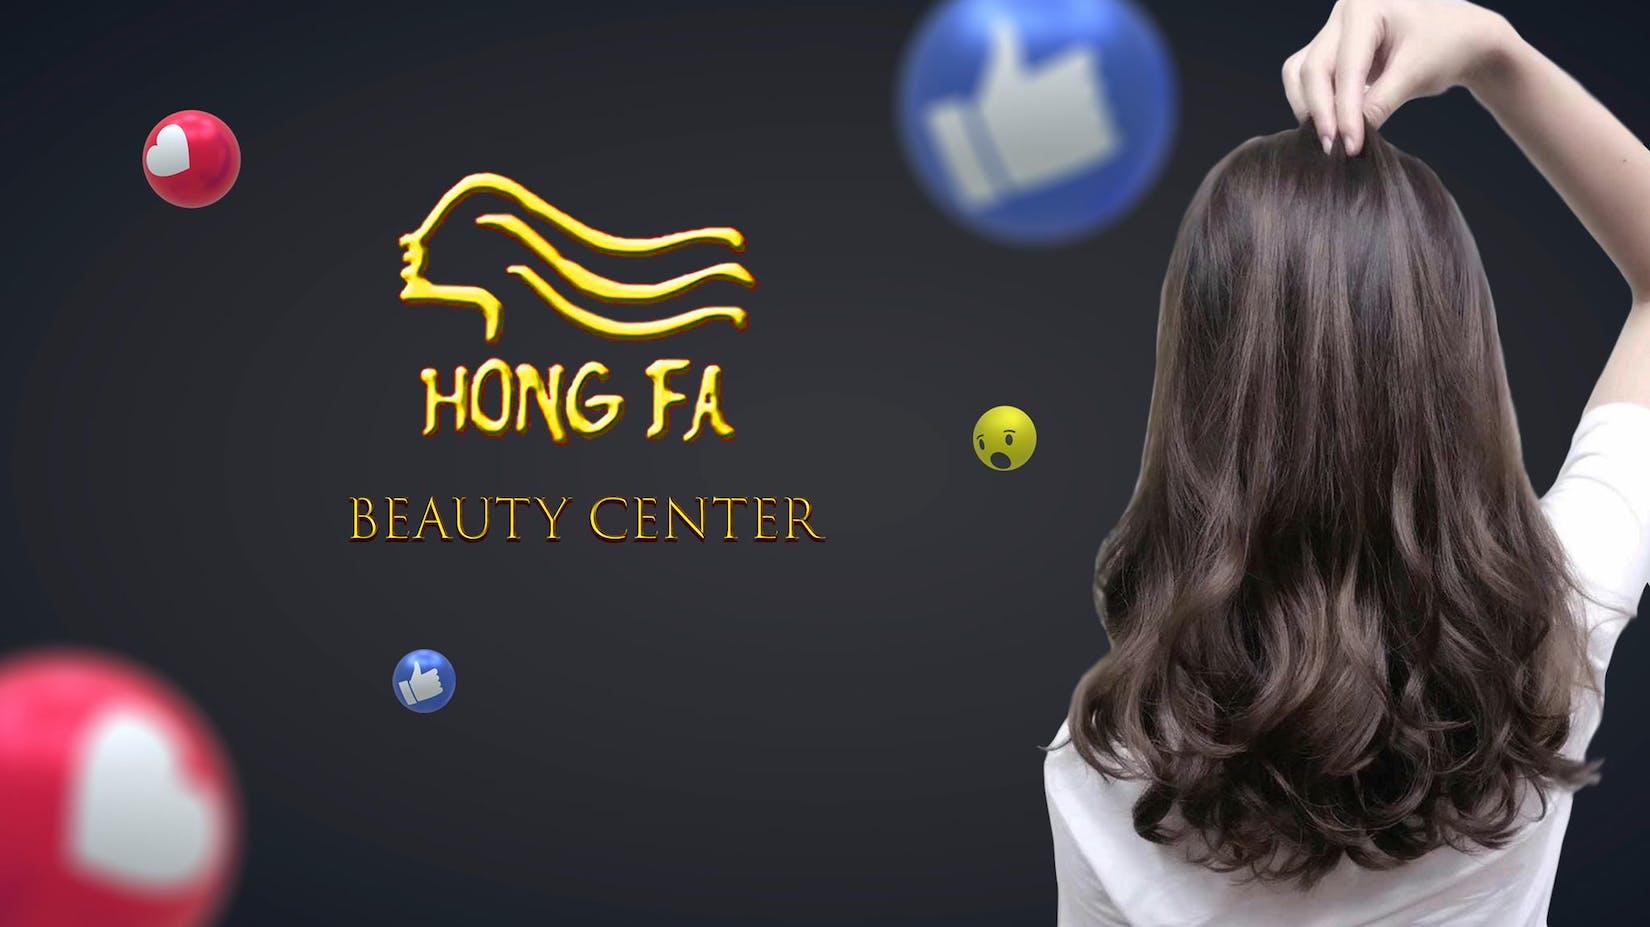 Hong Fa Beauty Center | Beauty